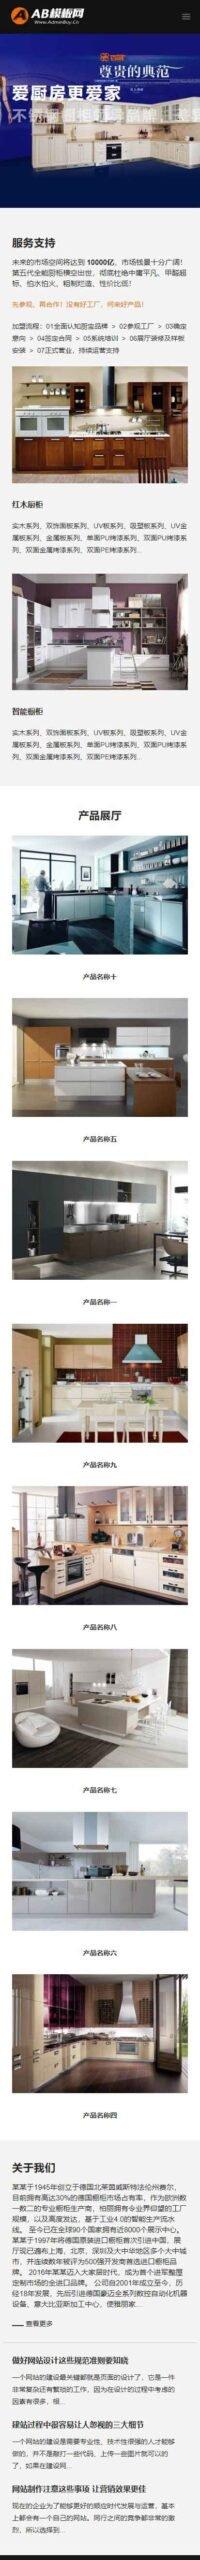 织梦装修模板dedecms厨房家居设计自适应手机端模板源码